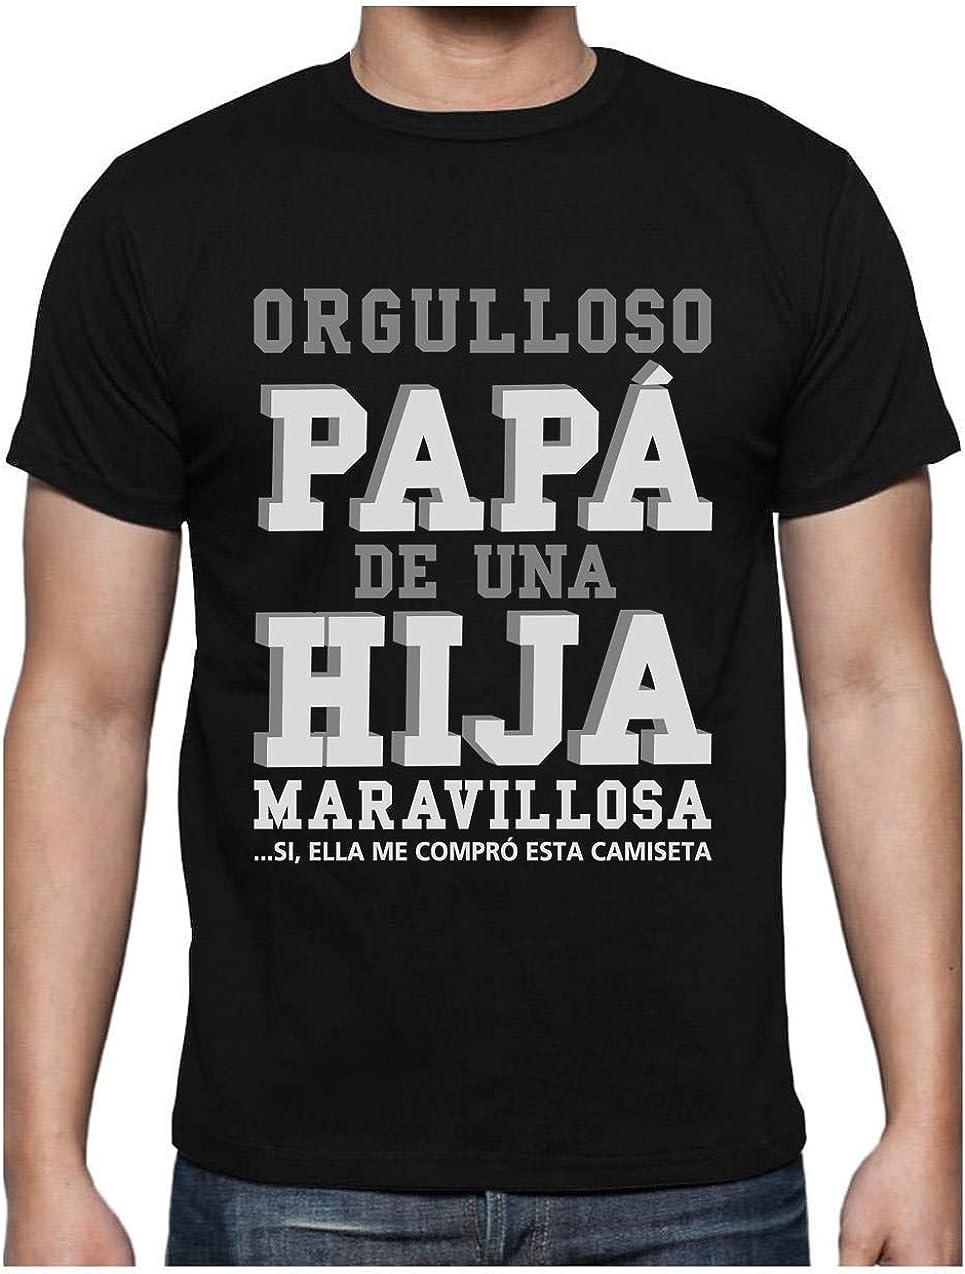 Green Turtle T-Shirts Camiseta para Hombre - Regalos para Hombre, Regalos para Padres. Camisetas Hombre Originales y Divertidas - Orgulloso Papá de una Hija Maravillosa